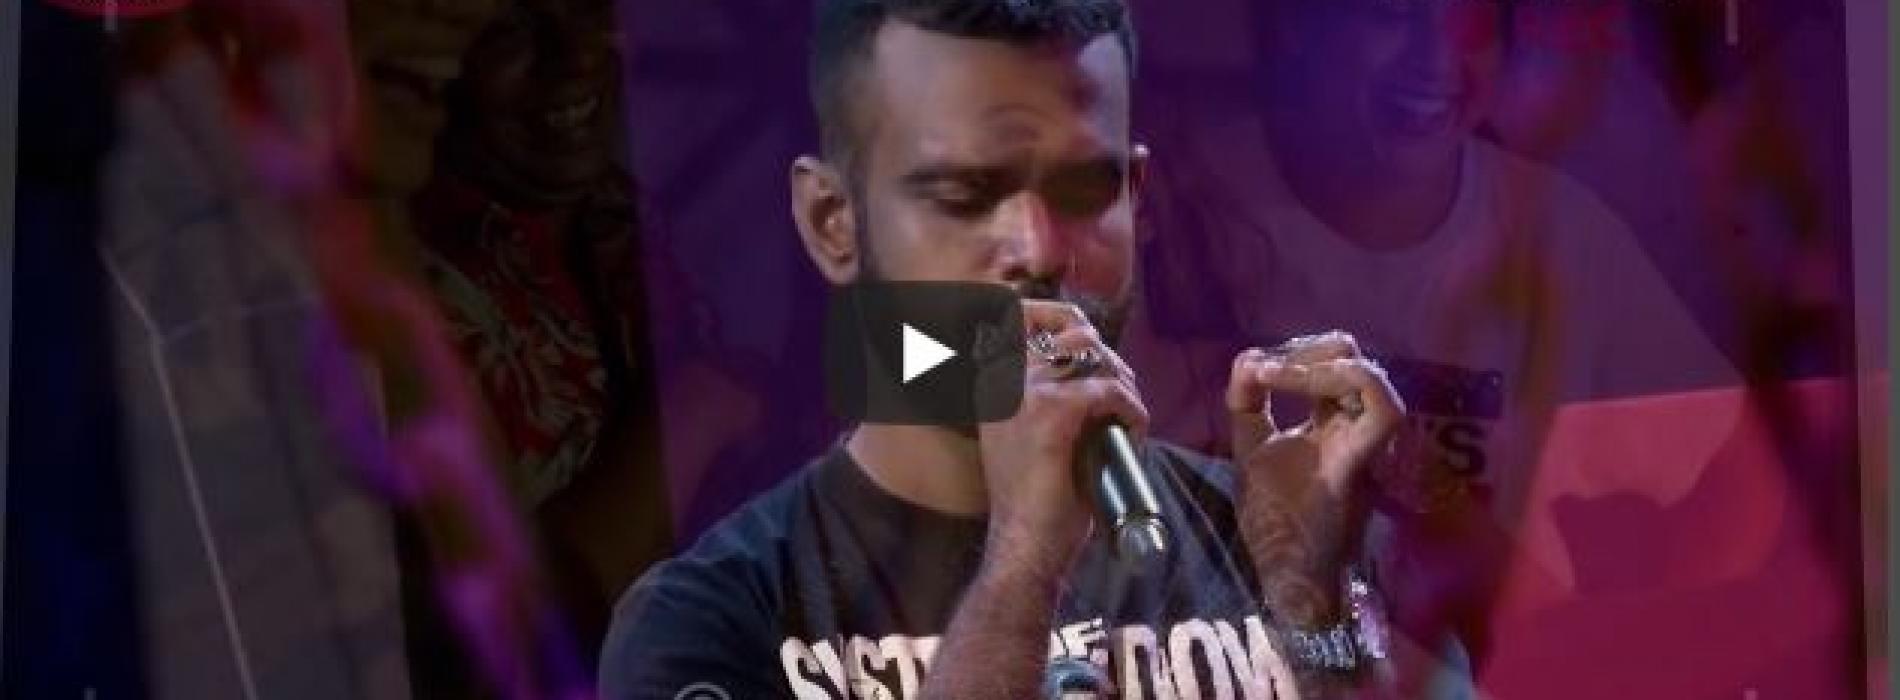 New Music : Hello – Mihindu Ariyaratne Live with Aroh | Rupavahini